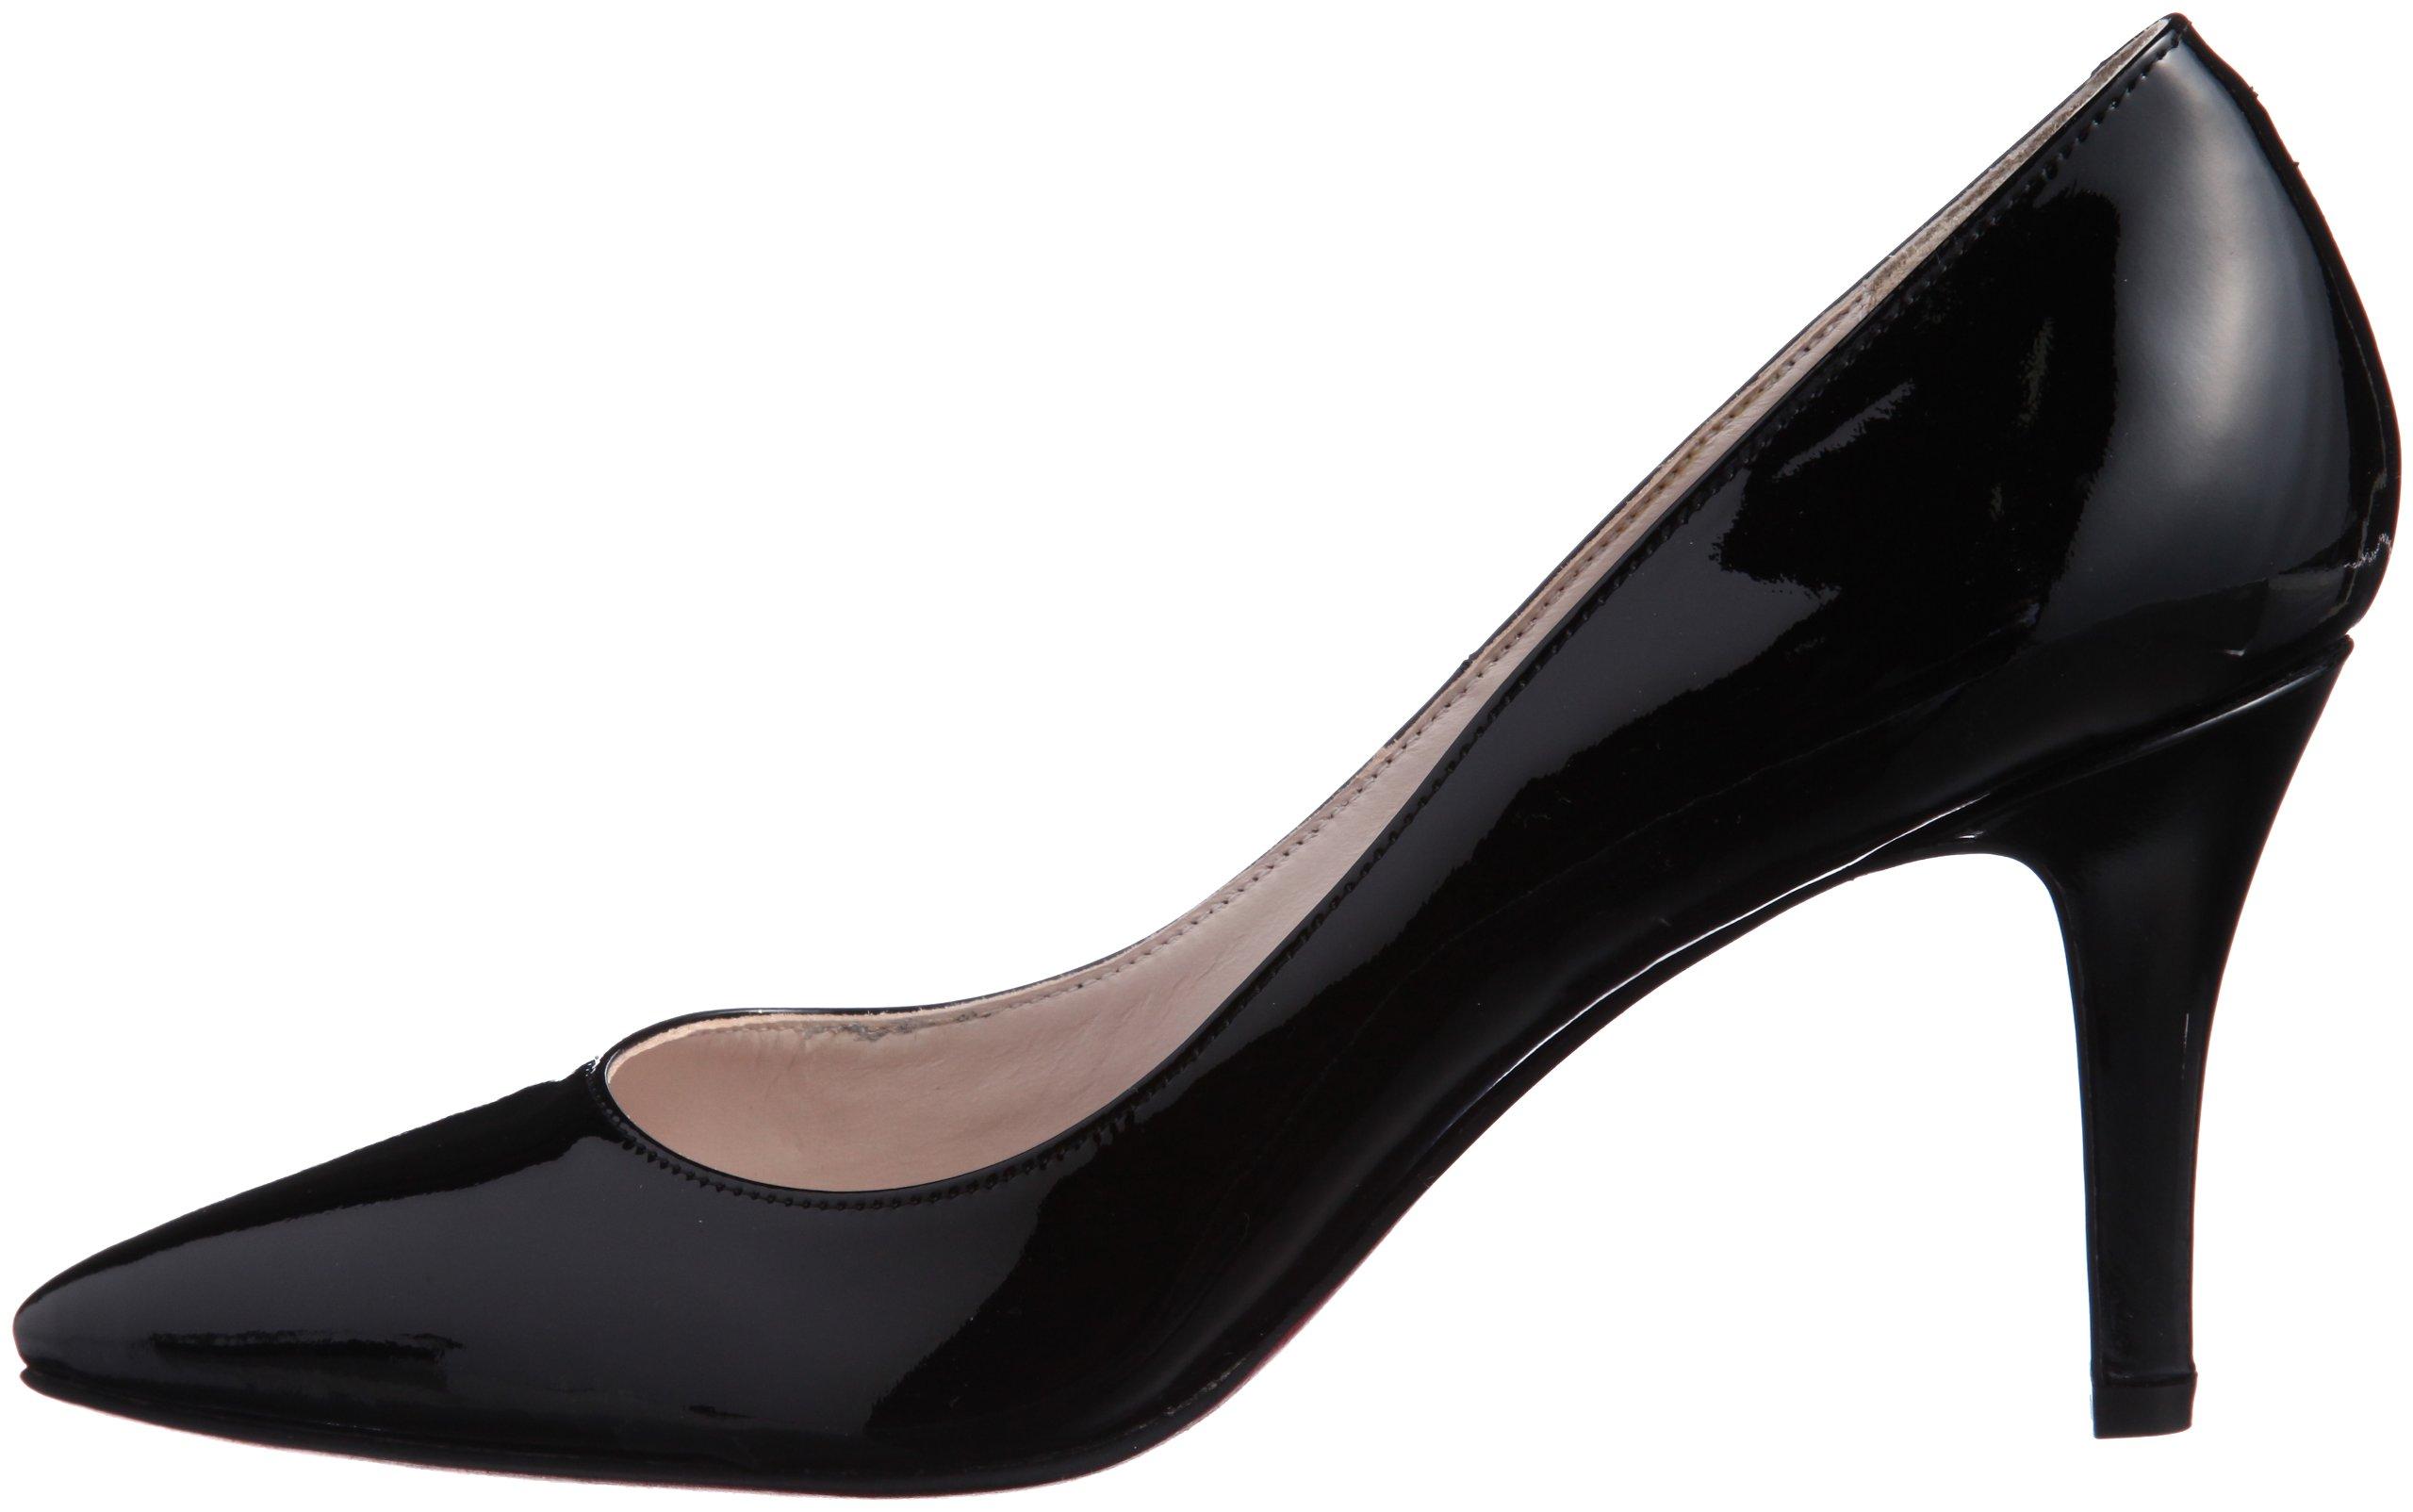 高跟 高跟鞋 女鞋 鞋 鞋子图片